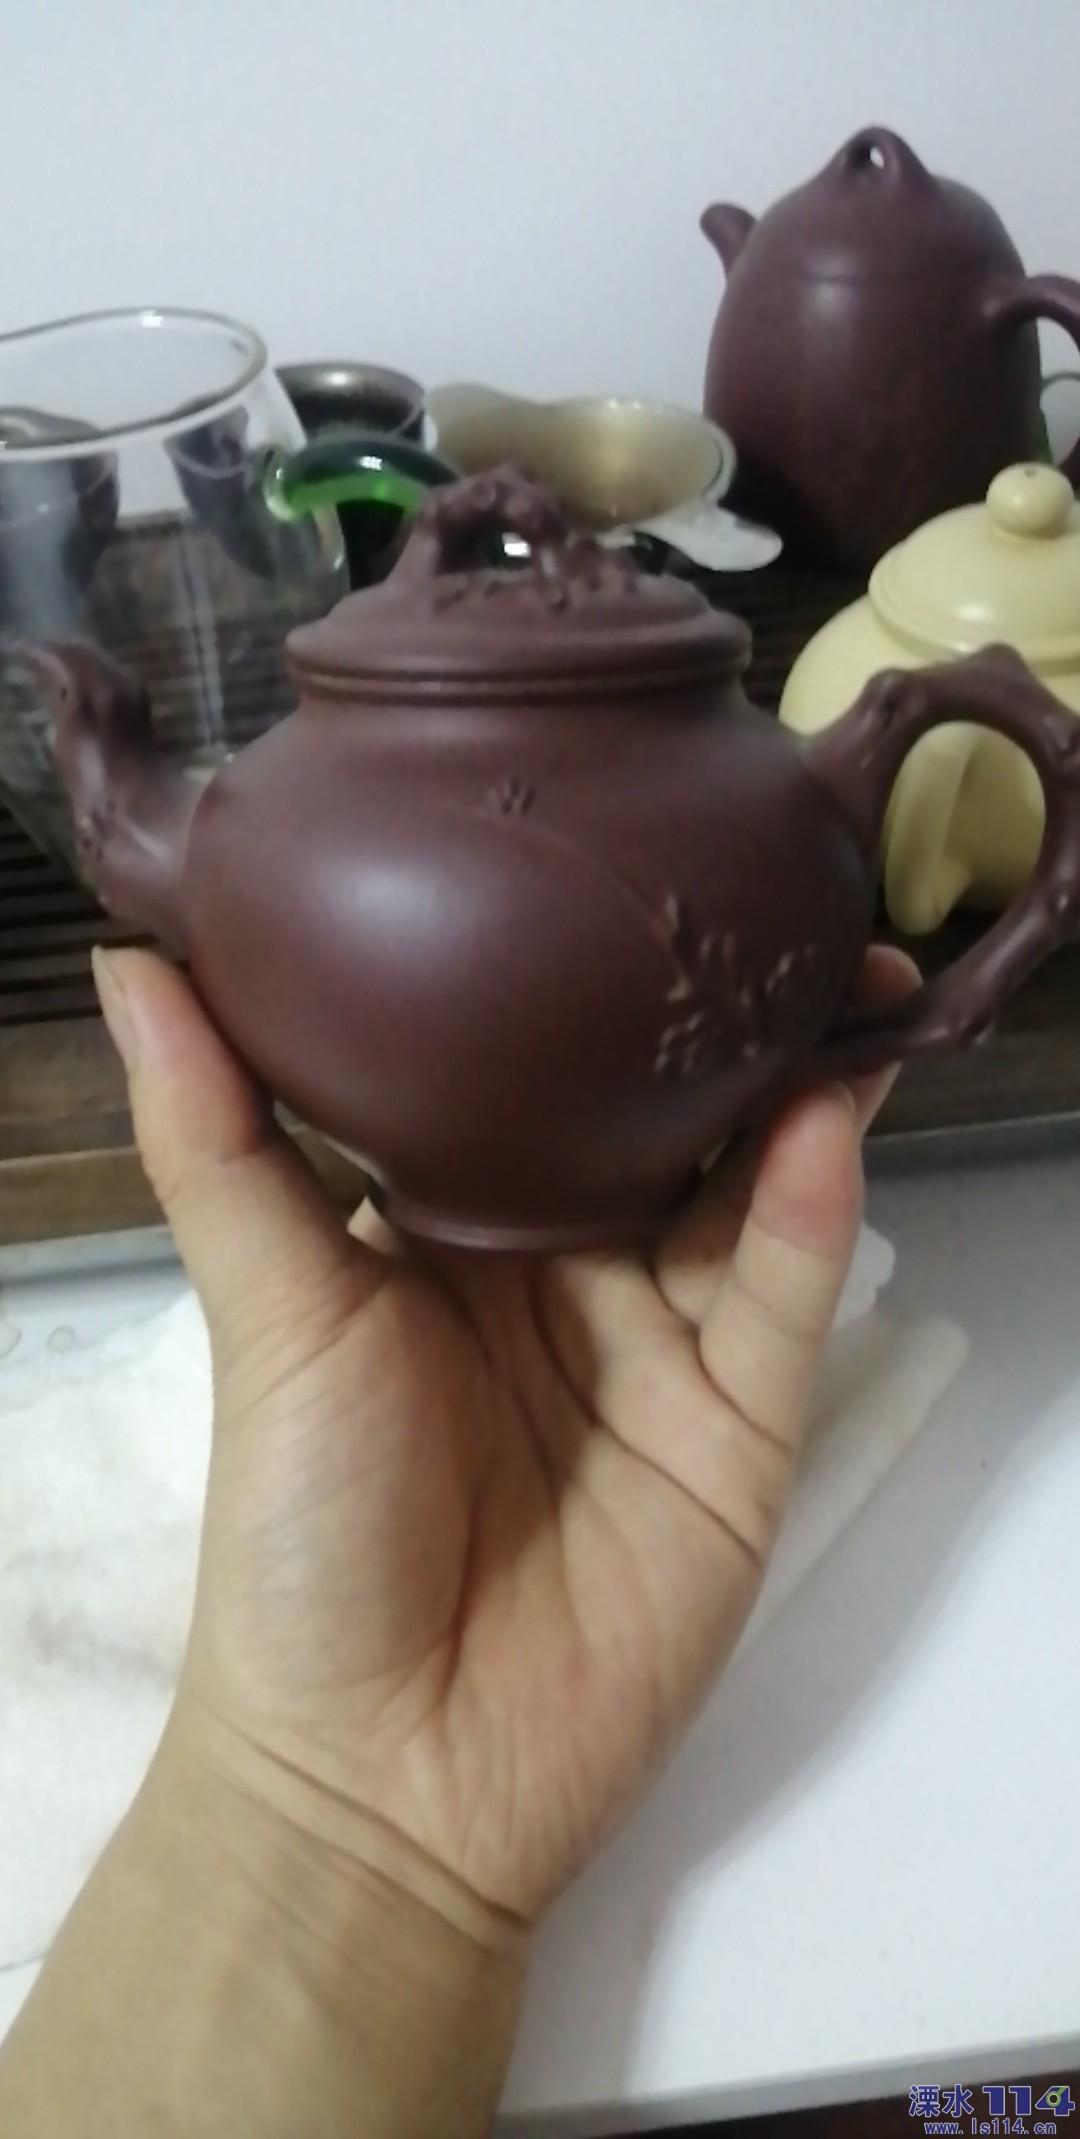 溧水有喜欢紫砂壶的朋友吗